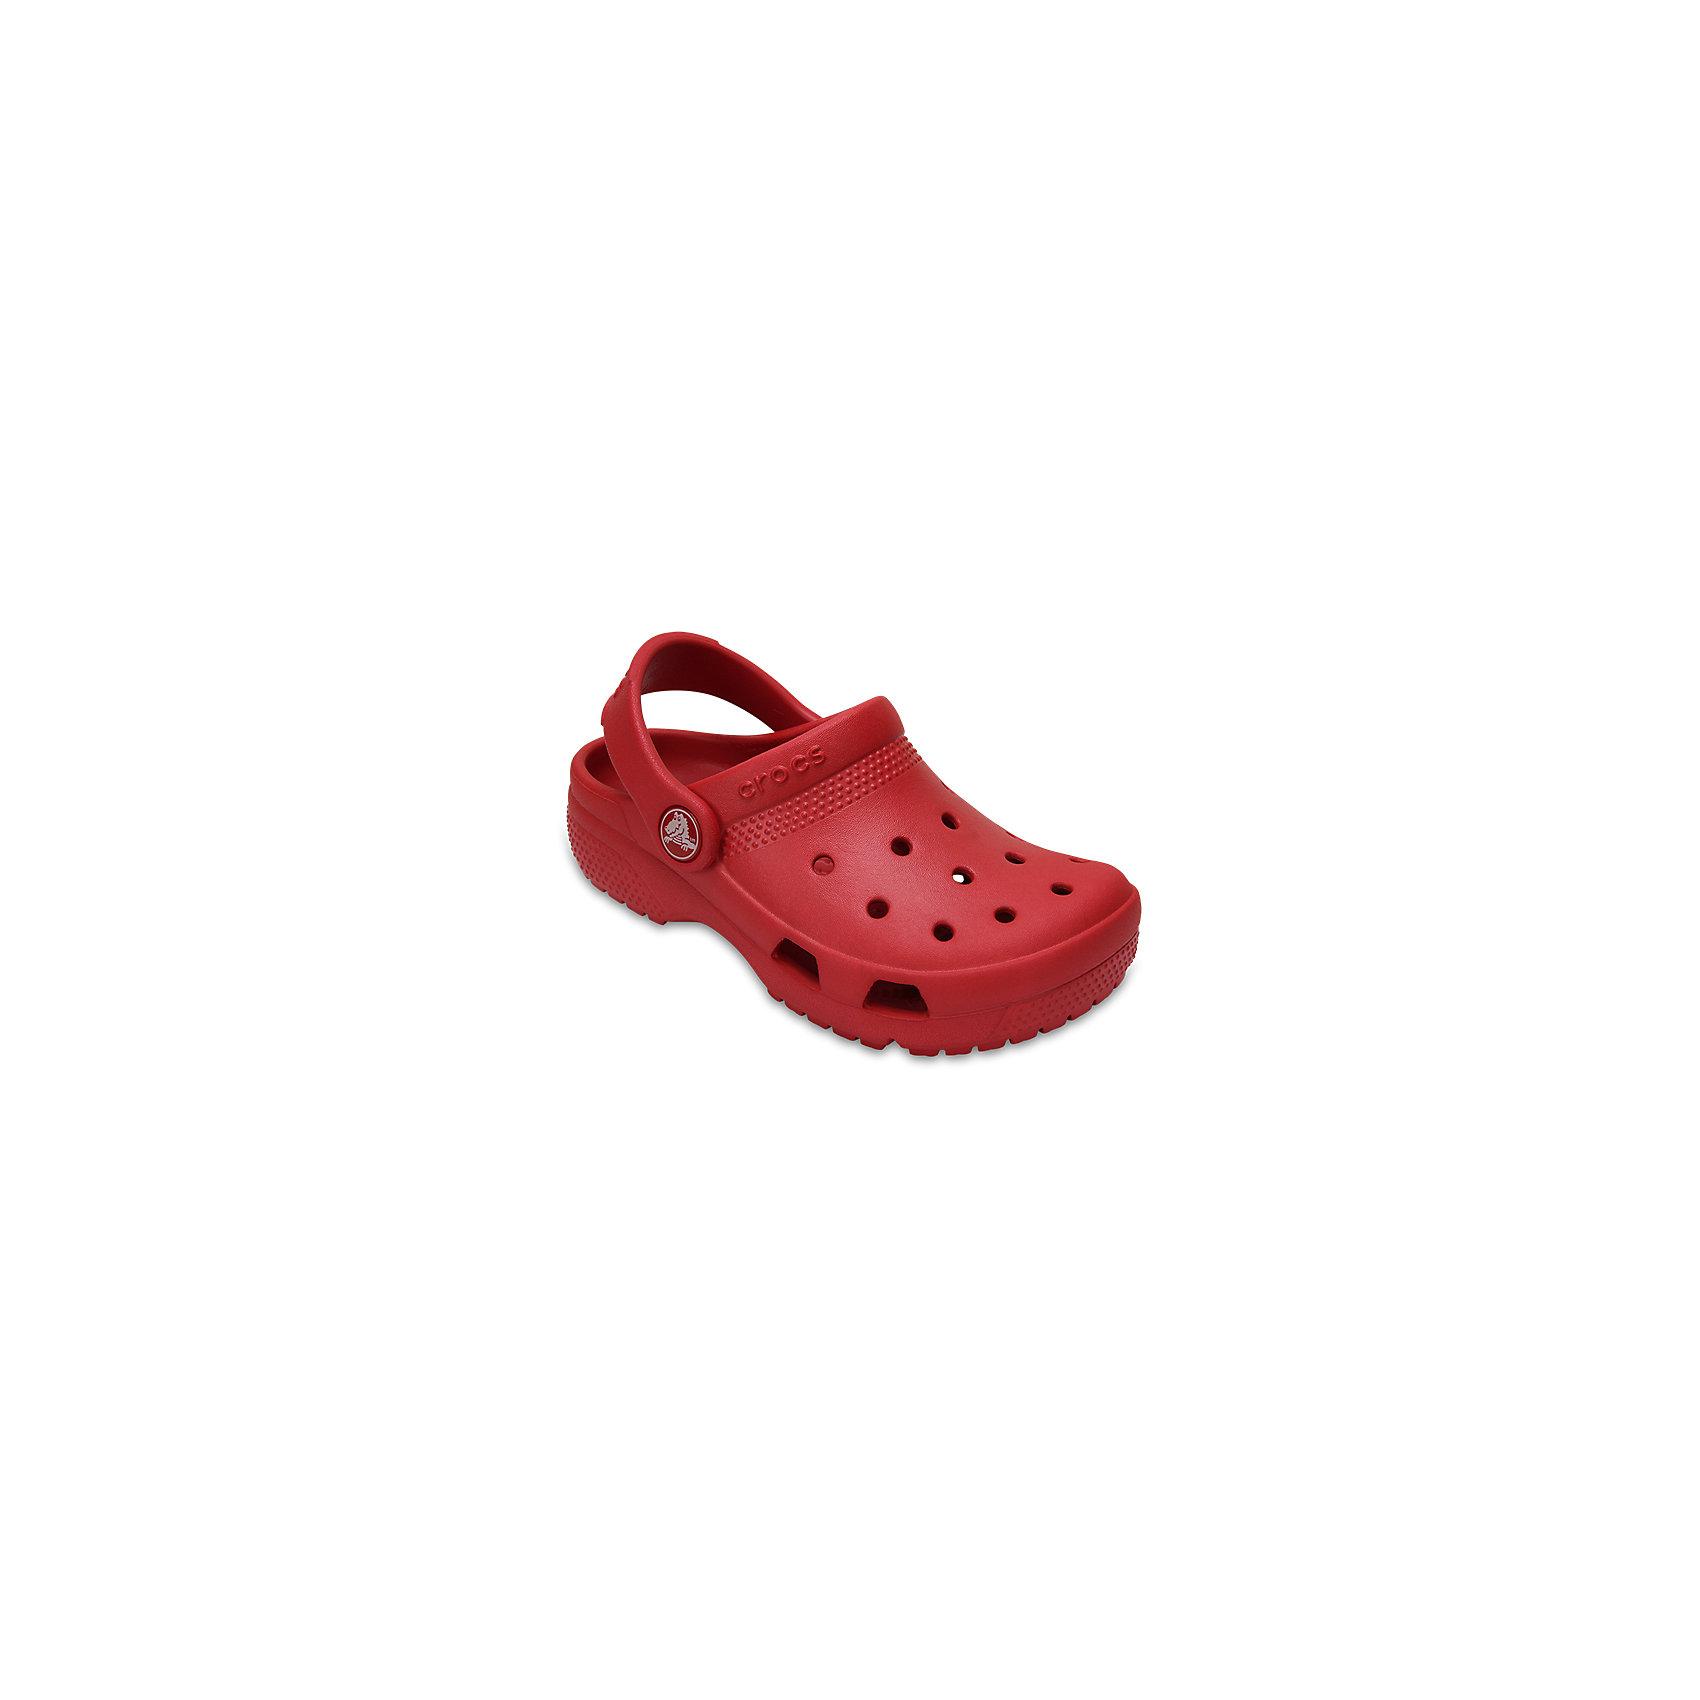 Сабо Classic clog, CROCSПляжная обувь<br>Характеристики товара:<br><br>• цвет: красный<br>• сезон: лето<br>• тип: пляжная обувь<br>• материал: 100% полимер Croslite™<br>• литая модель<br>• вентиляционные отверстия<br>• бактериостатичный материал<br>• пяточный ремешок фиксирует стопу<br>• толстая устойчивая подошва<br>• отверстия для использования украшений<br>• анатомическая стелька с массажными точками<br>• страна бренда: США<br>• страна изготовитель: Китай<br><br>Сабо Classic clog обеспечивают детям необходимый комфорт, а анатомическая стелька с массажными линиями для стимуляции кровообращения позволяет ножкам дольше не уставать. <br><br>Материал, из которого они сделаны, не дает размножаться бактериям, поэтому такая обувь препятствует образованию неприятного запаха и появлению болезней стоп. <br><br>Обувь от американского бренда Crocs в данный момент завоевала широкую популярность во всем мире, и это не удивительно - ведь она невероятно удобна. <br><br>Сабо Classic clog от торговой марки Crocs можно купить в нашем интернет-магазине.<br><br>Ширина мм: 225<br>Глубина мм: 139<br>Высота мм: 112<br>Вес г: 290<br>Цвет: красный<br>Возраст от месяцев: 24<br>Возраст до месяцев: 36<br>Пол: Унисекс<br>Возраст: Детский<br>Размер: 26,31/32,33/34,27,34/35,28,29,30,23,24,25<br>SKU: 5416784